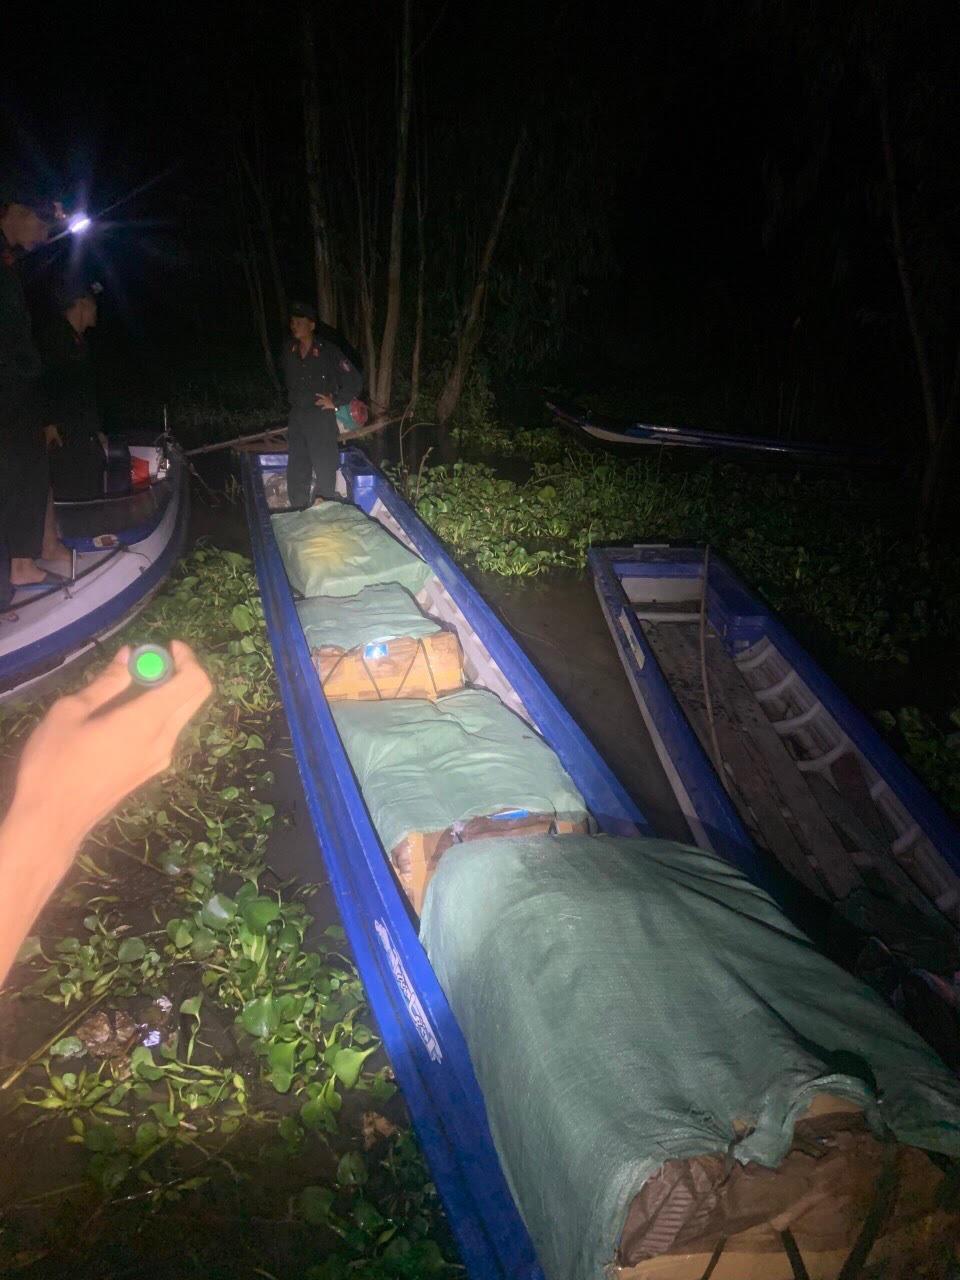 An Giang: Bắt vỏ lãi chở 20 nghìn khẩu trang y tế đang trên đường chuyển sang biên giới Camphuchia - Ảnh 1.